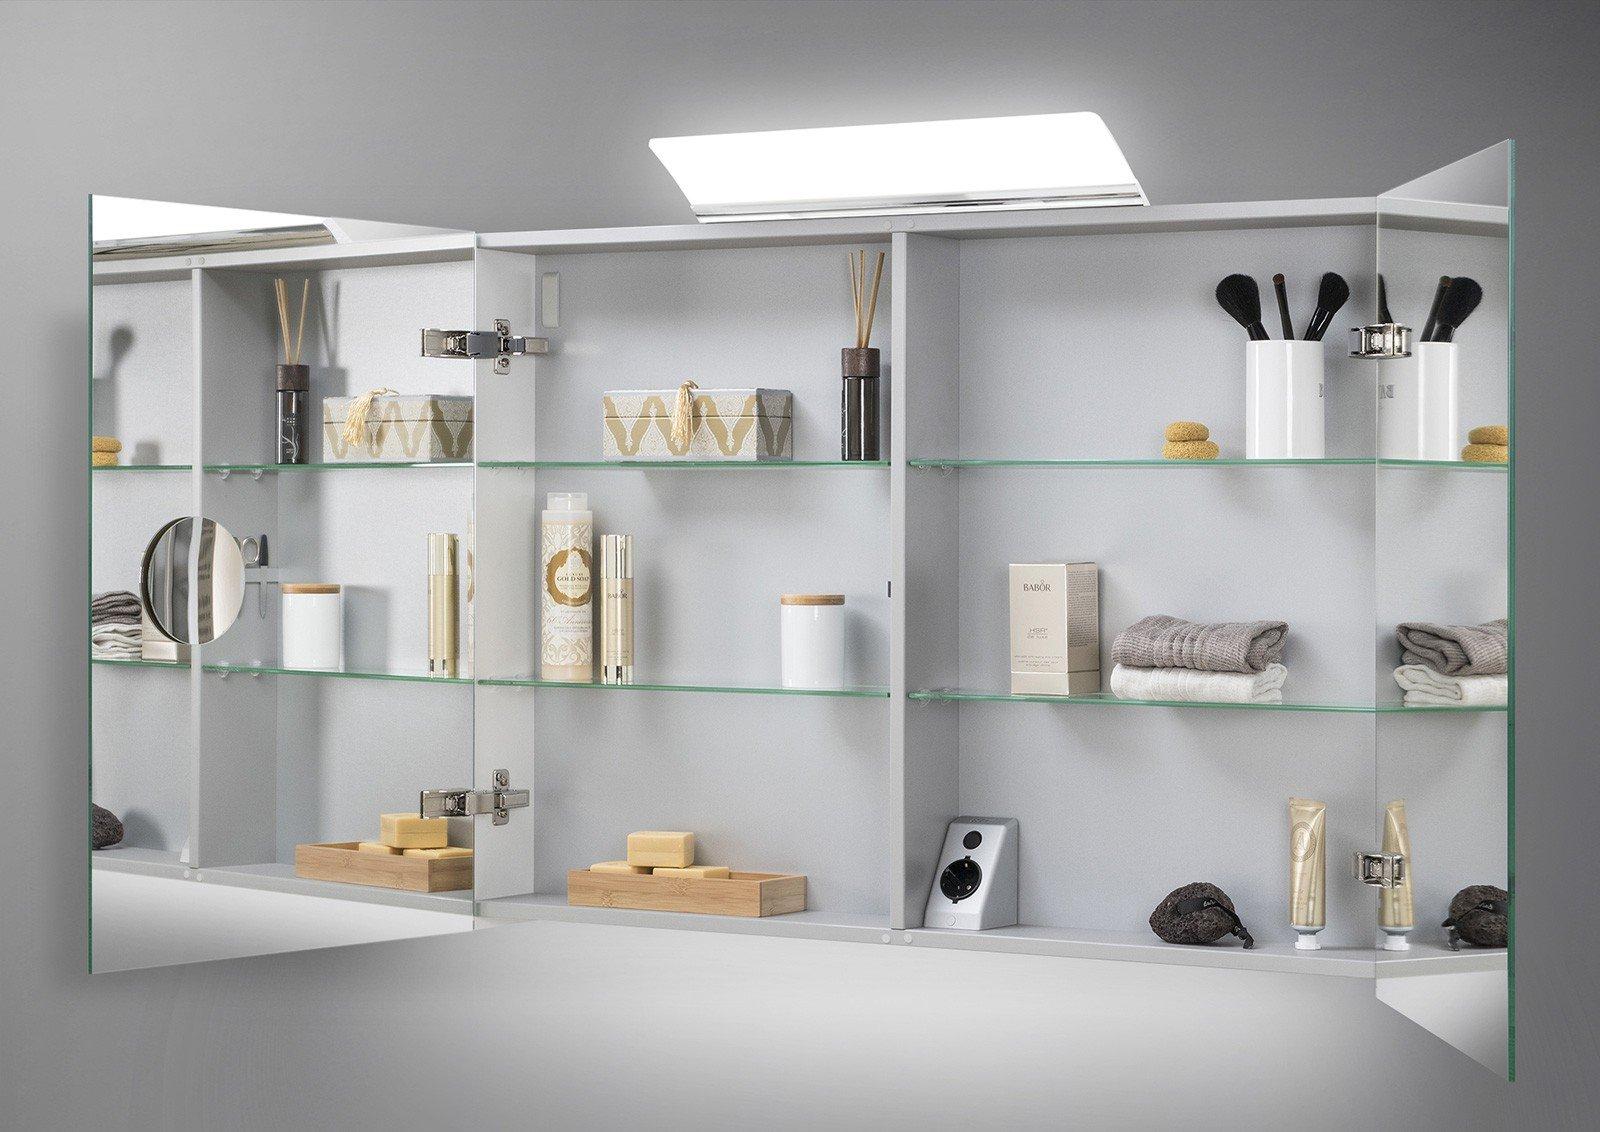 Great Badezimmer Beleuchtung Farbwechsel Die Neueste Innovation Der Und  Mbel With Led Beleuchtung Bad With Badezimmer Mit Beleuchtung